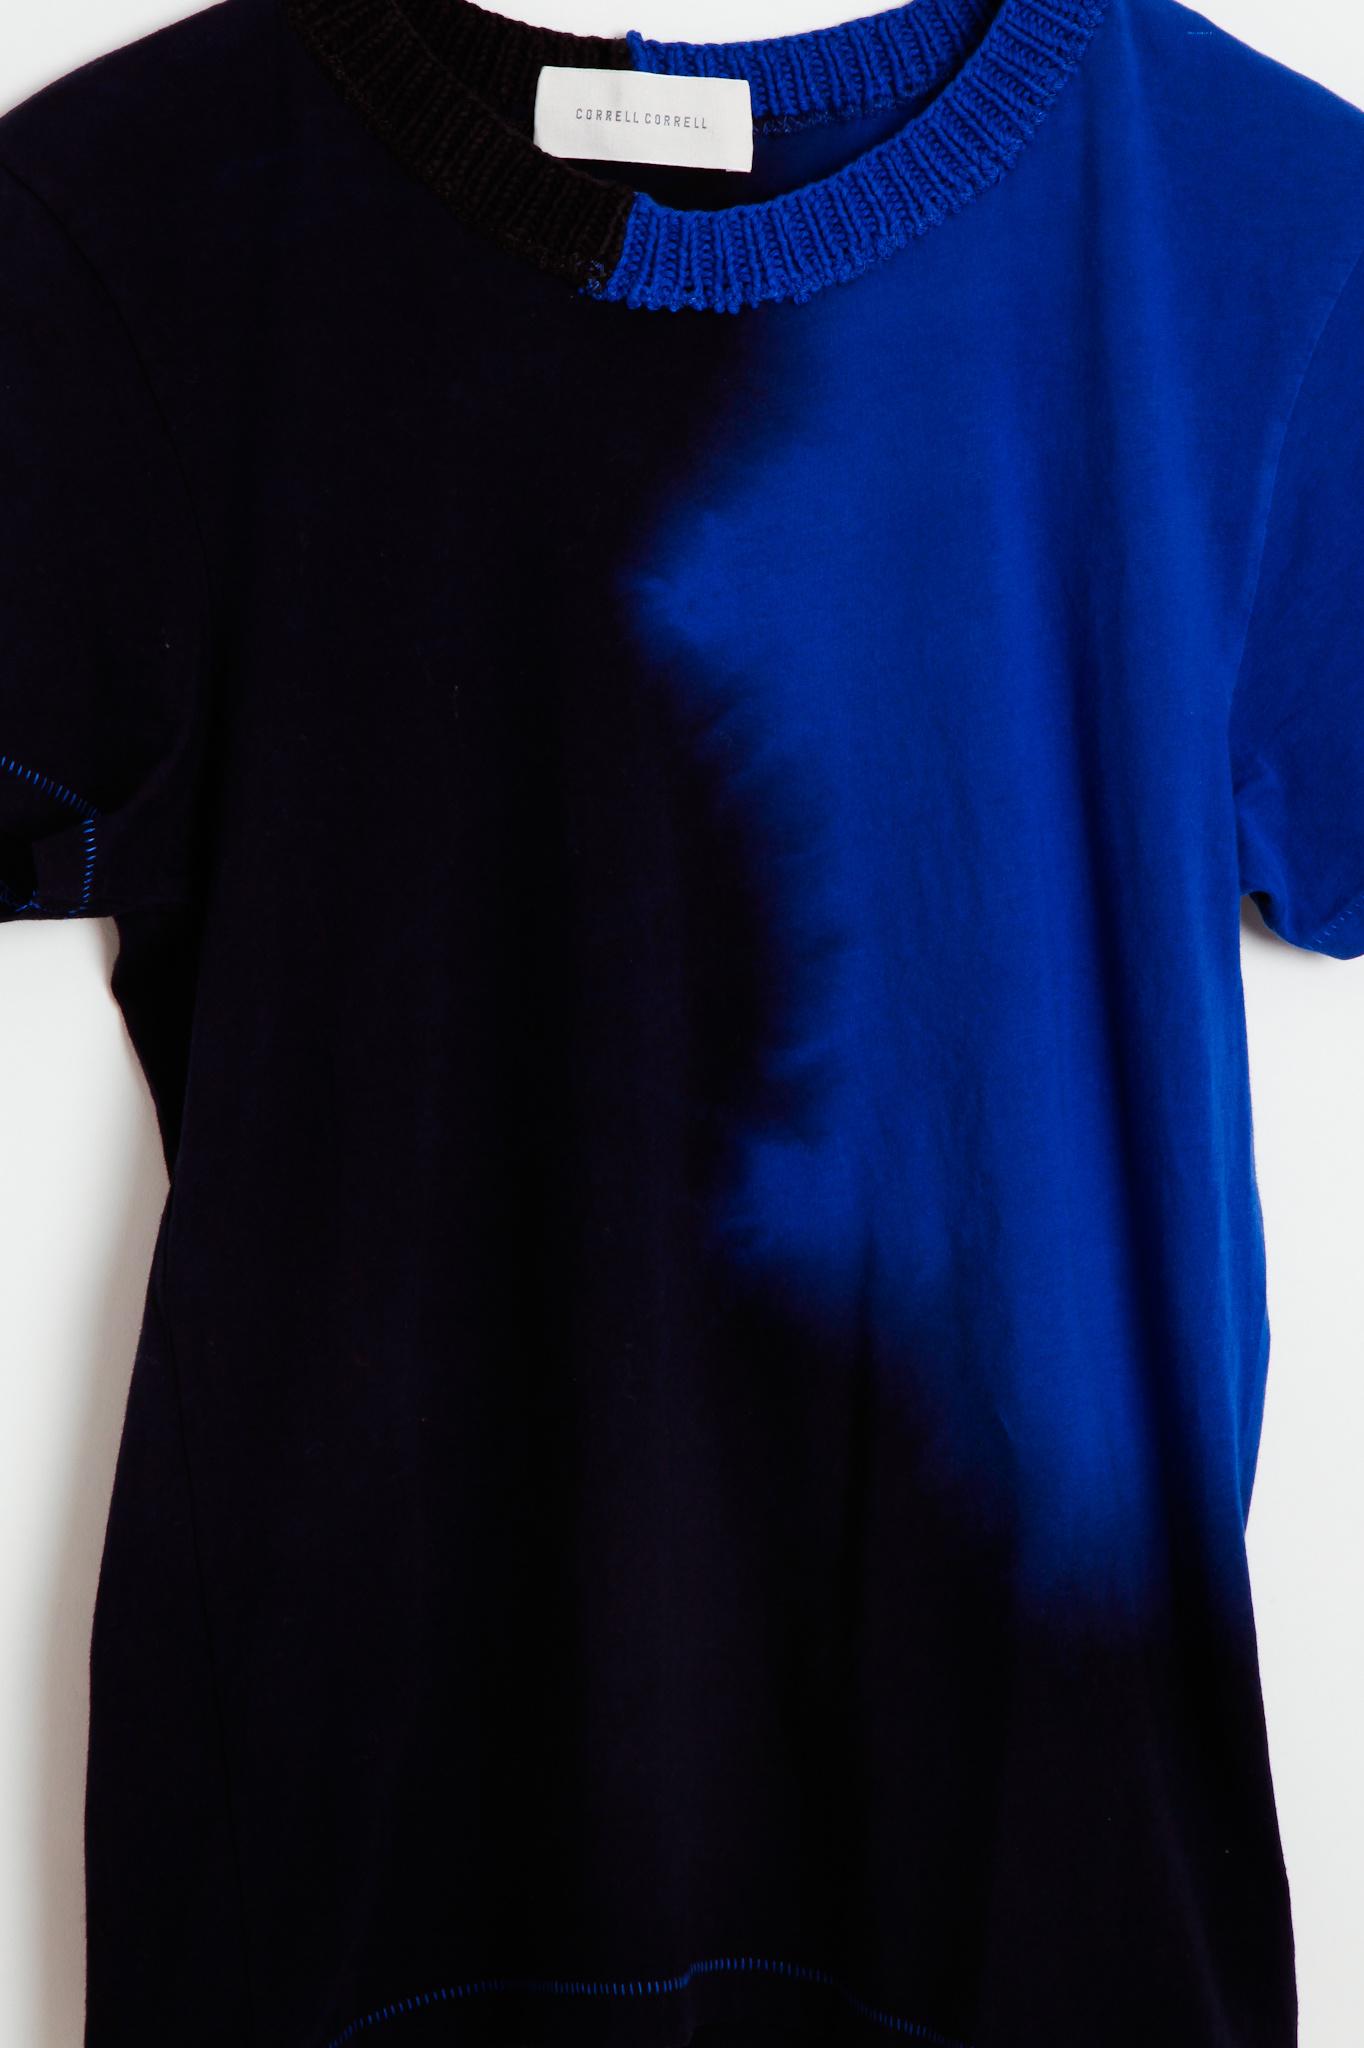 Correll Correll Correll Correll Hand Dyed Cotton T- Shirt